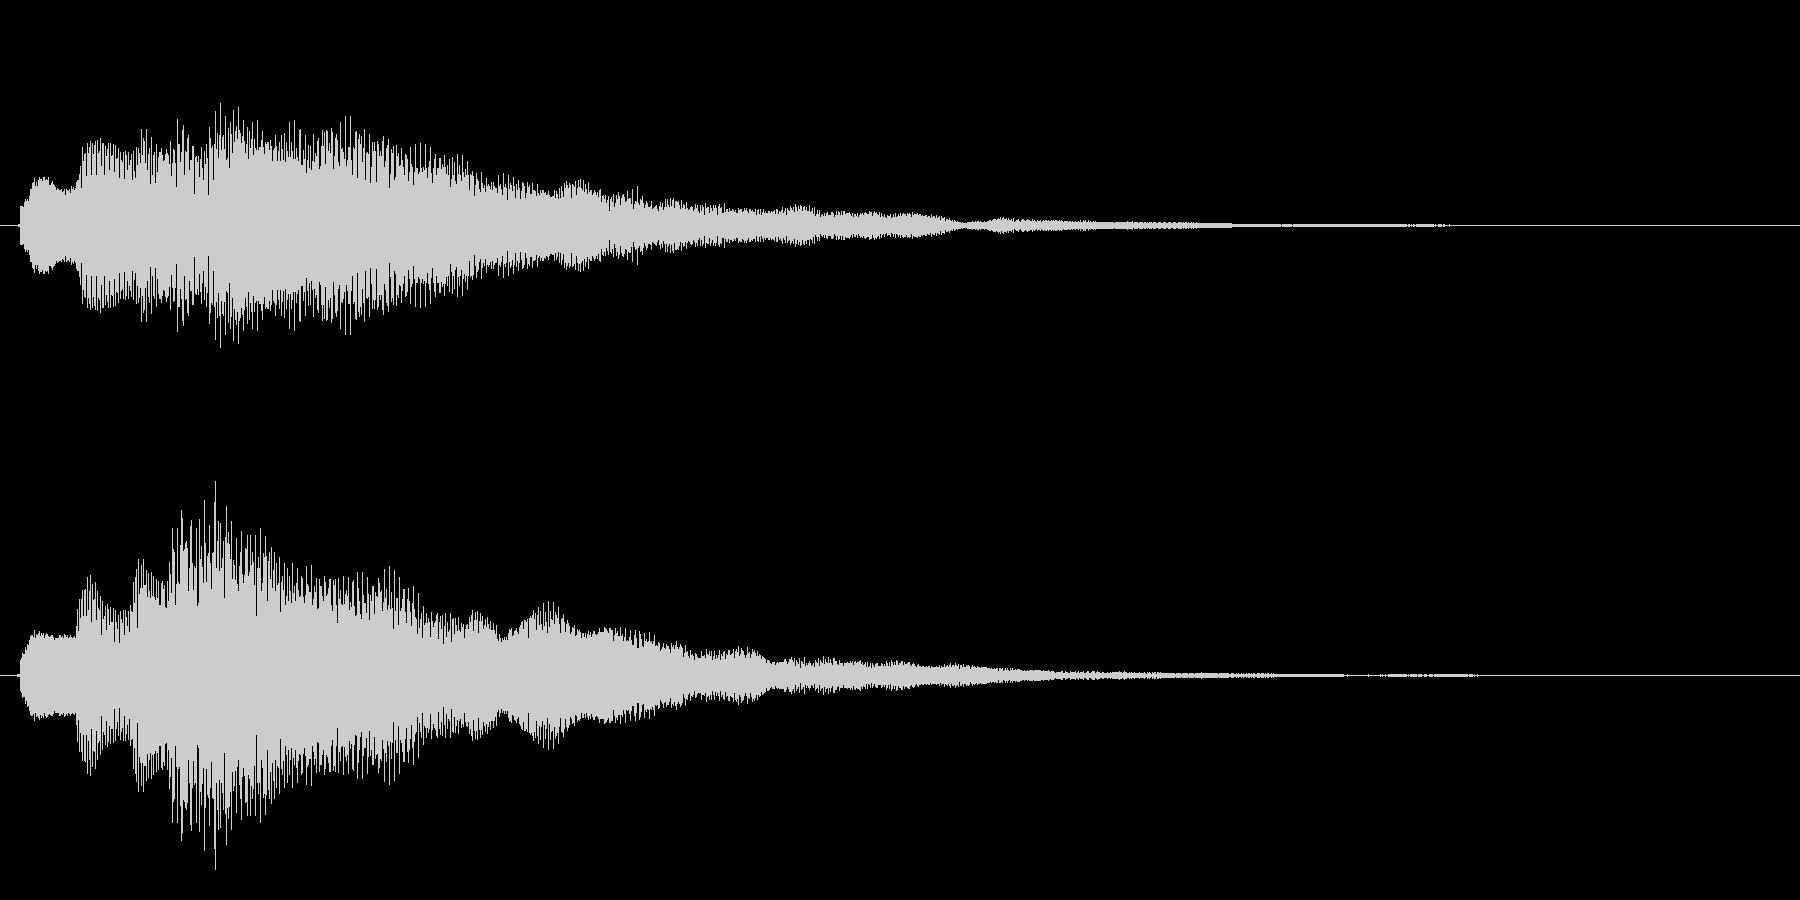 キラキラしたベルの上昇音1の未再生の波形